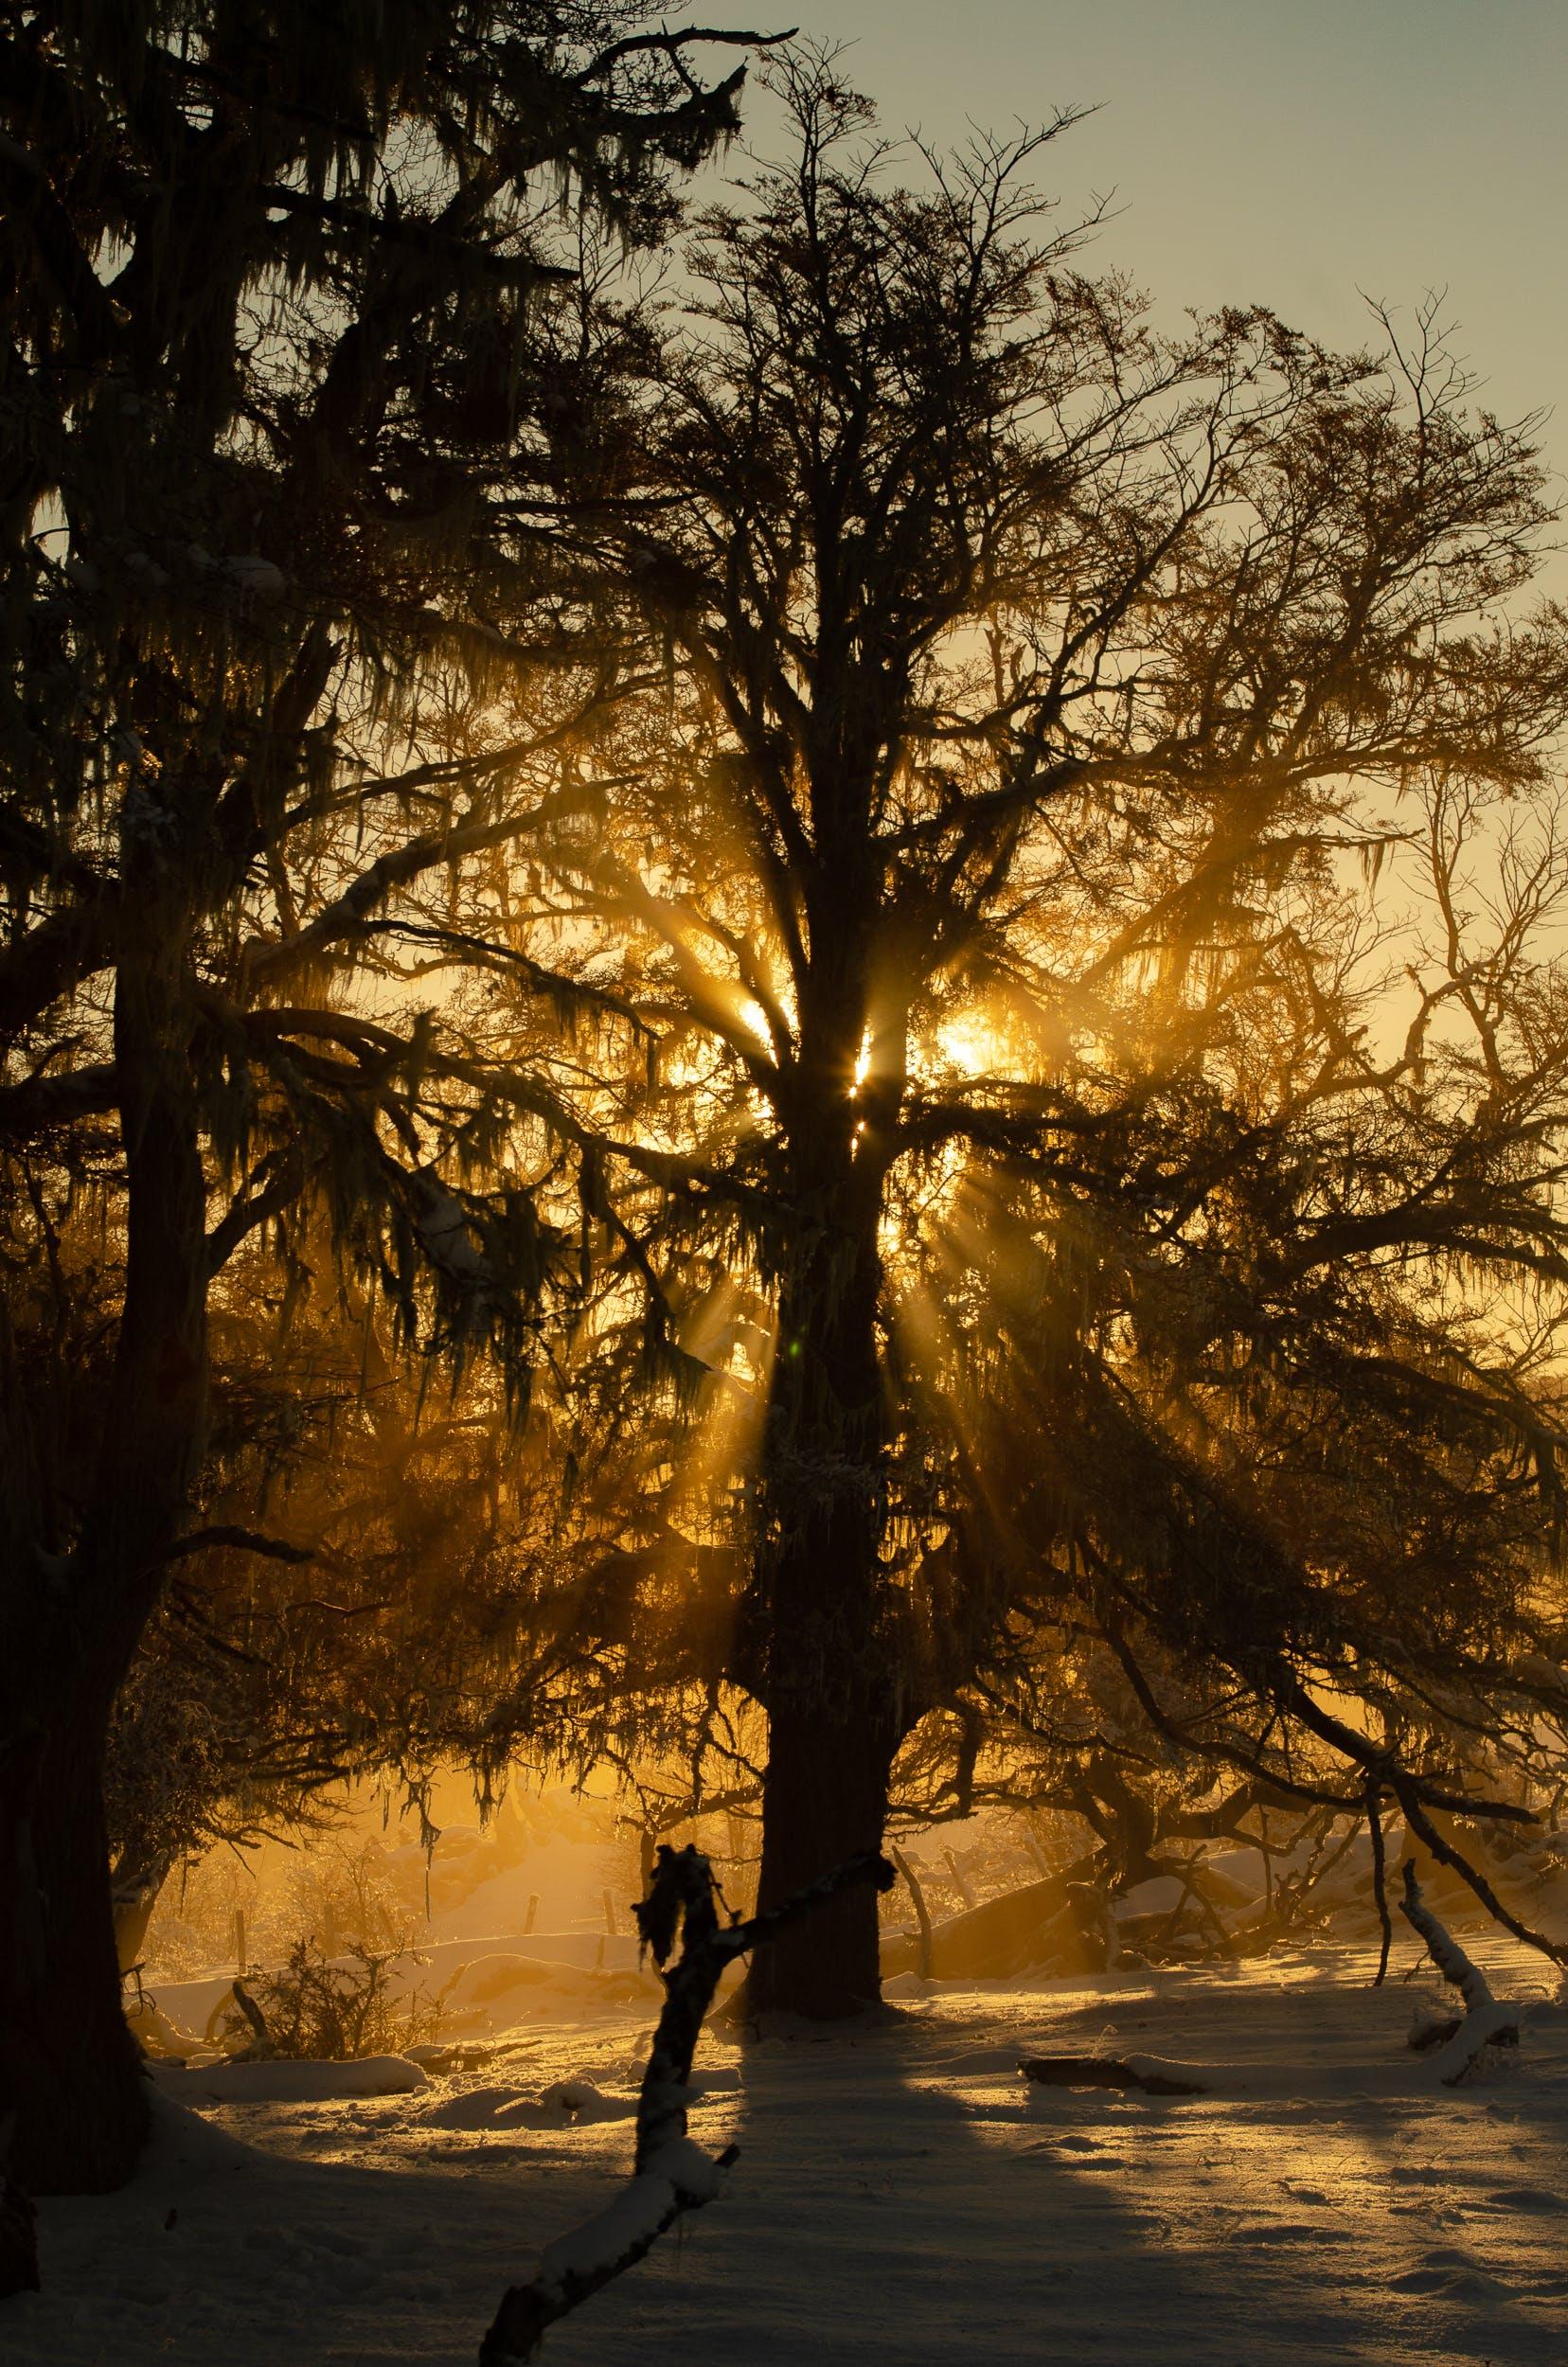 Kostenloses Stock Foto zu argentinien, bäume, dämmerung, draußen